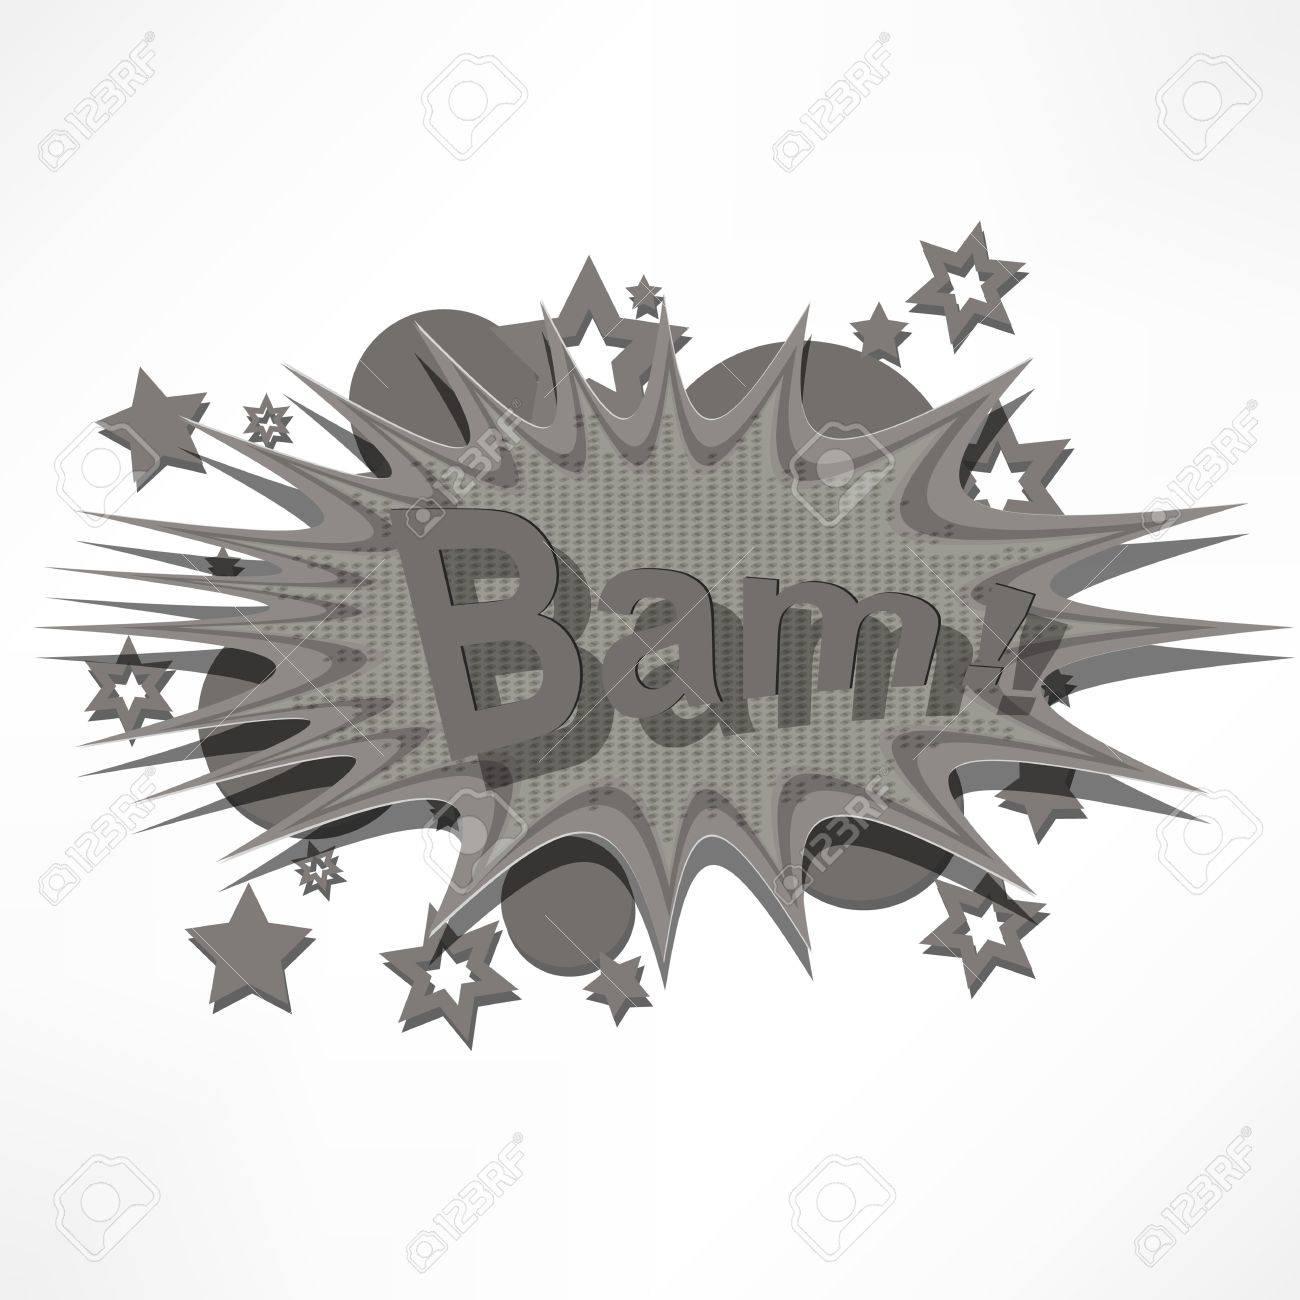 Bam. Comic book explosion. Stock Photo - 16168818